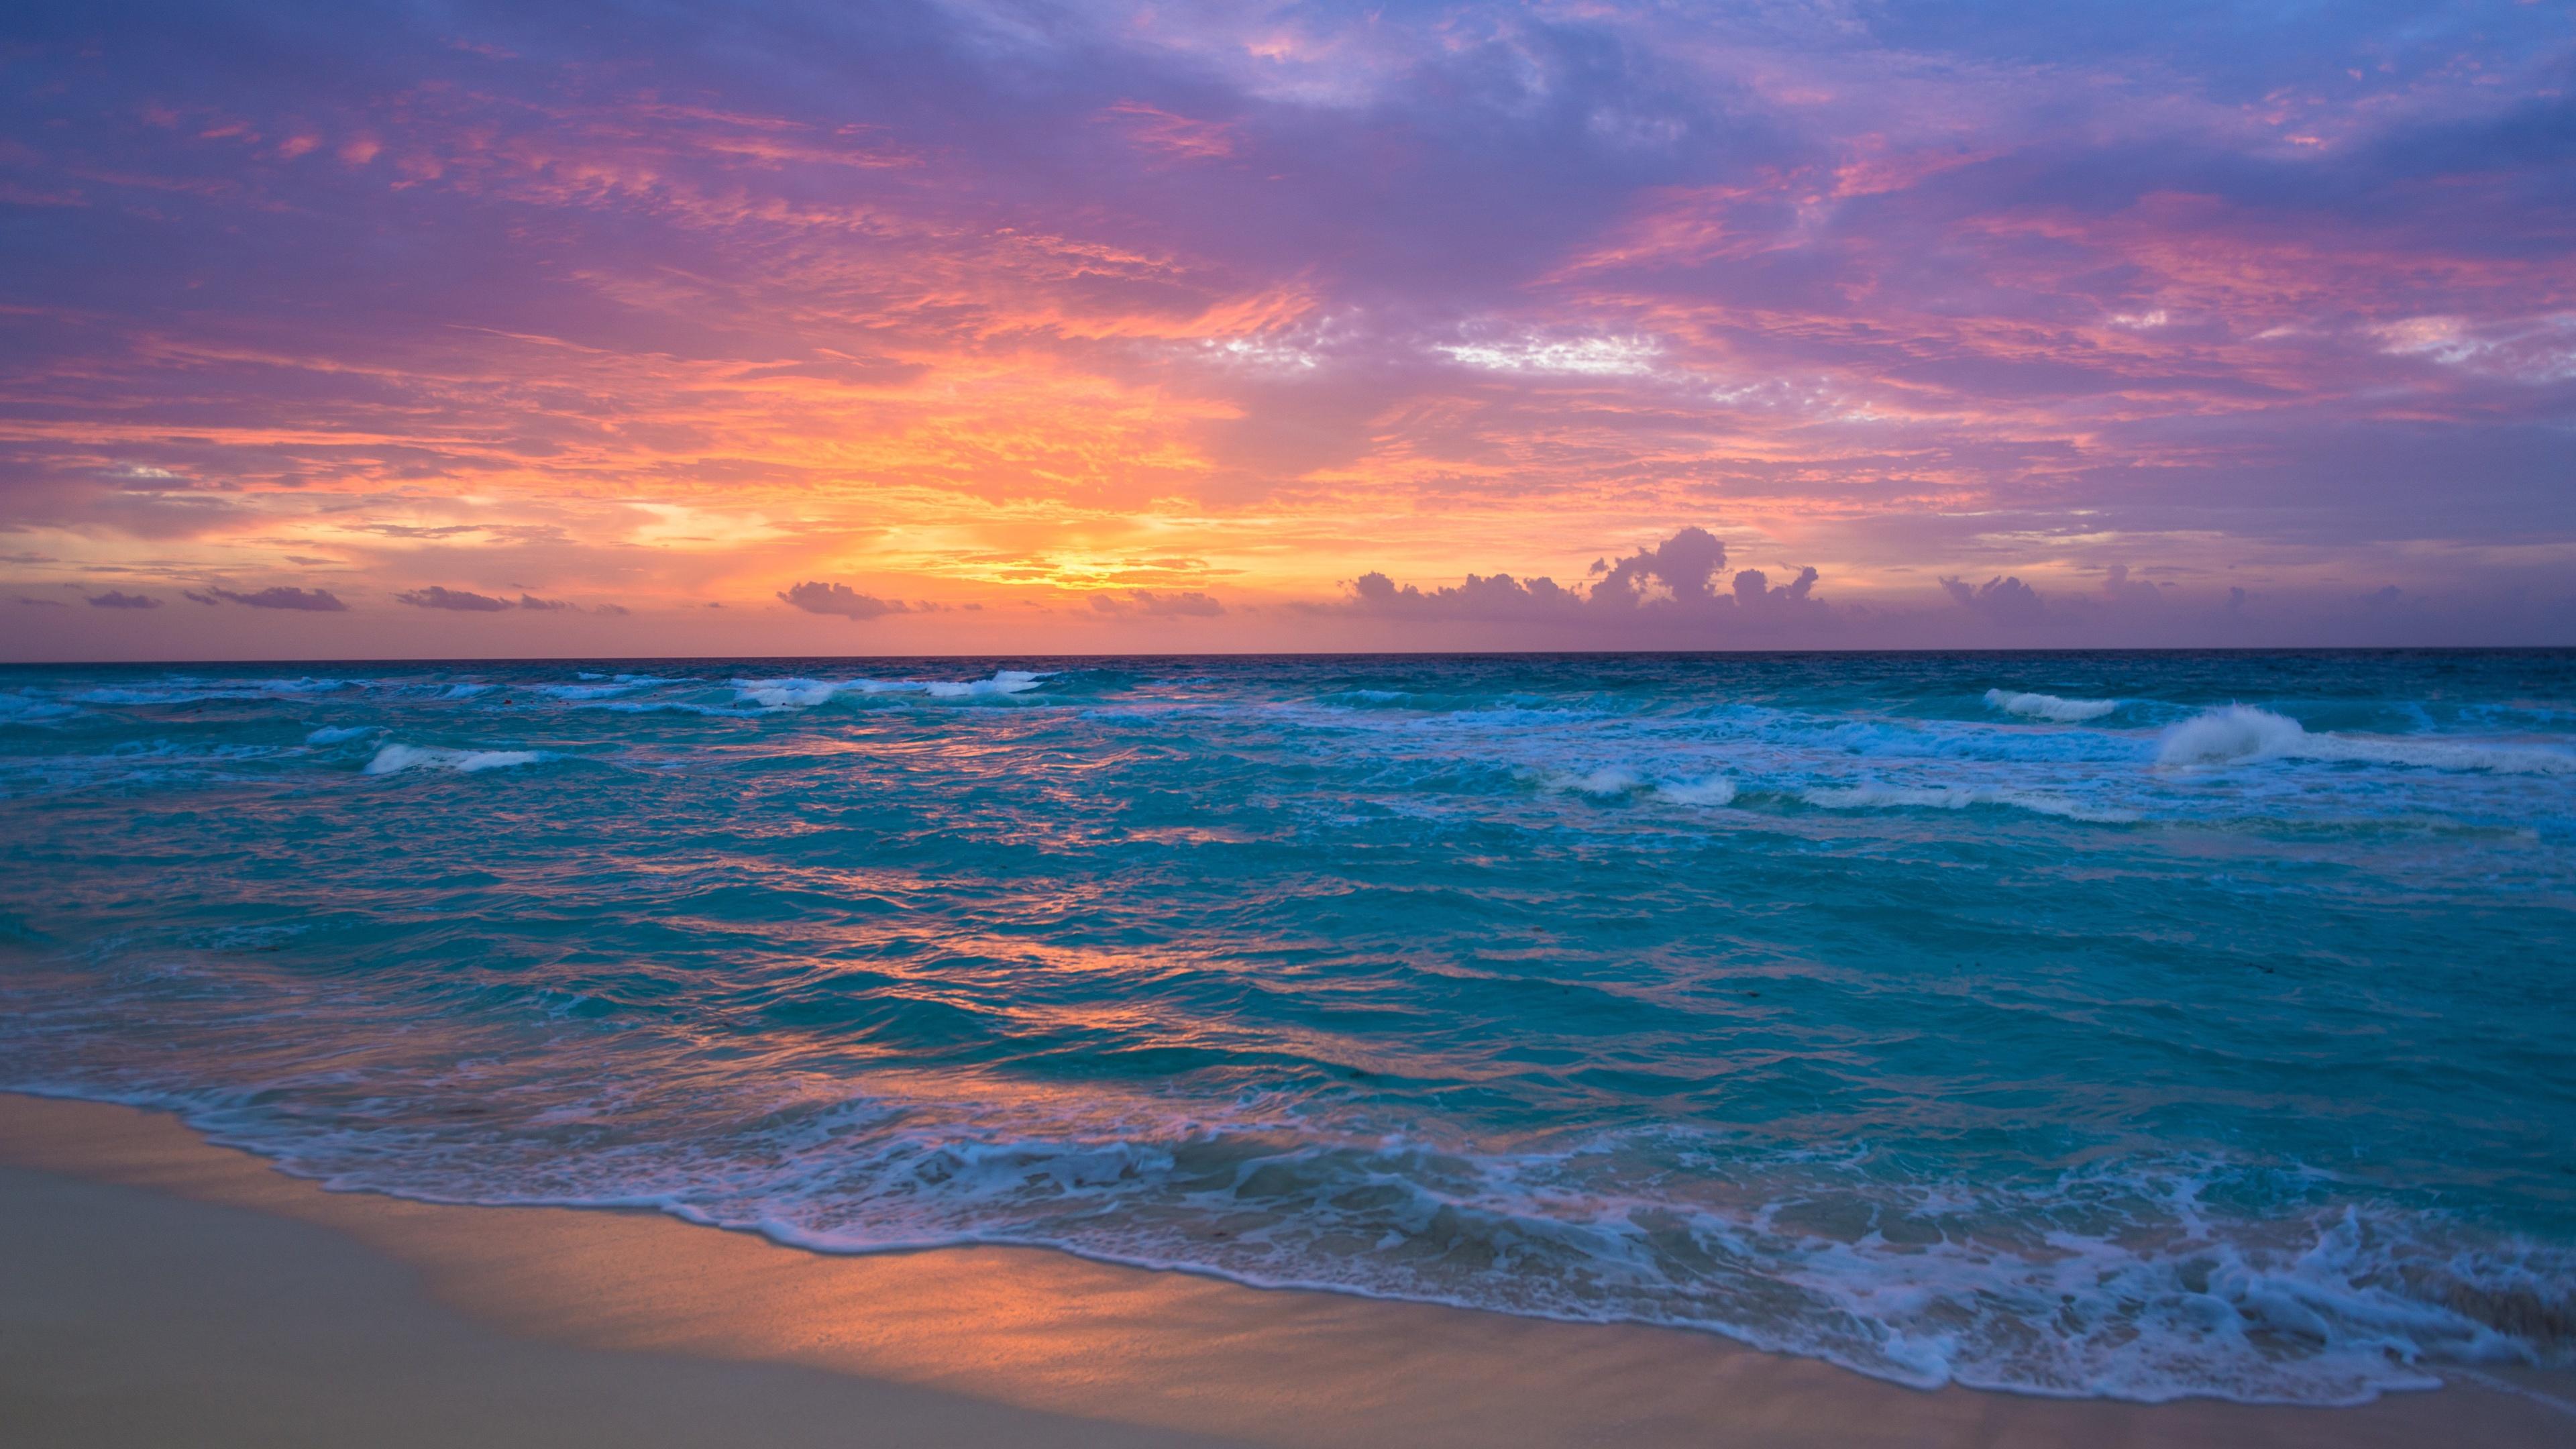 10 Ocean Beach Ultra HD 4k Wallpaper Wallpapers 3840x2160